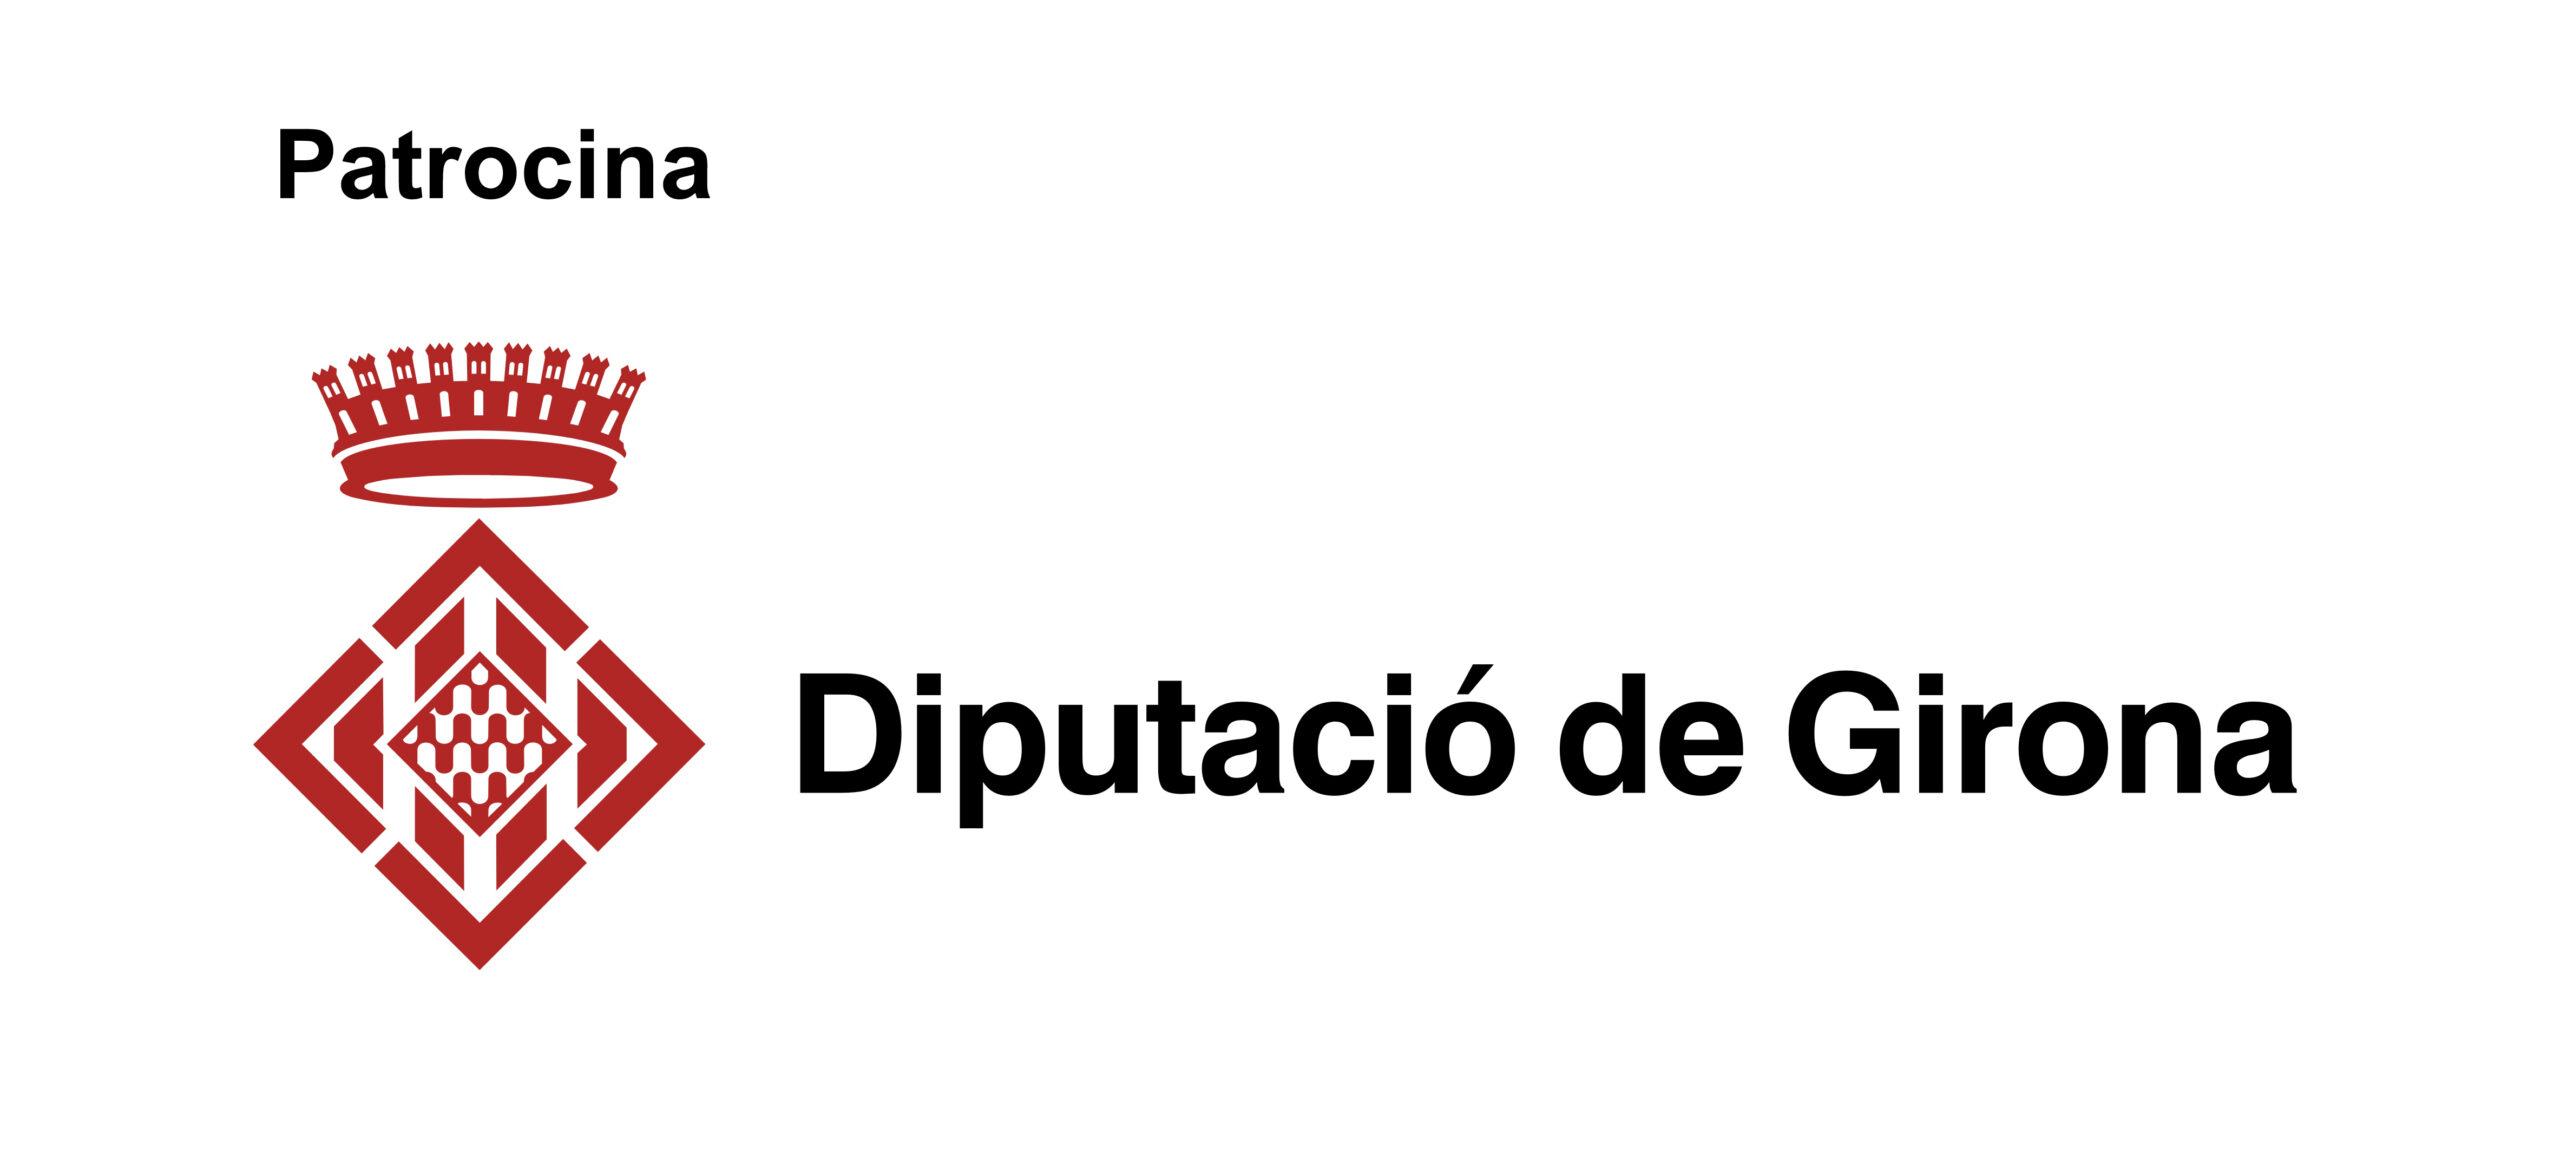 Patrocina Diputació